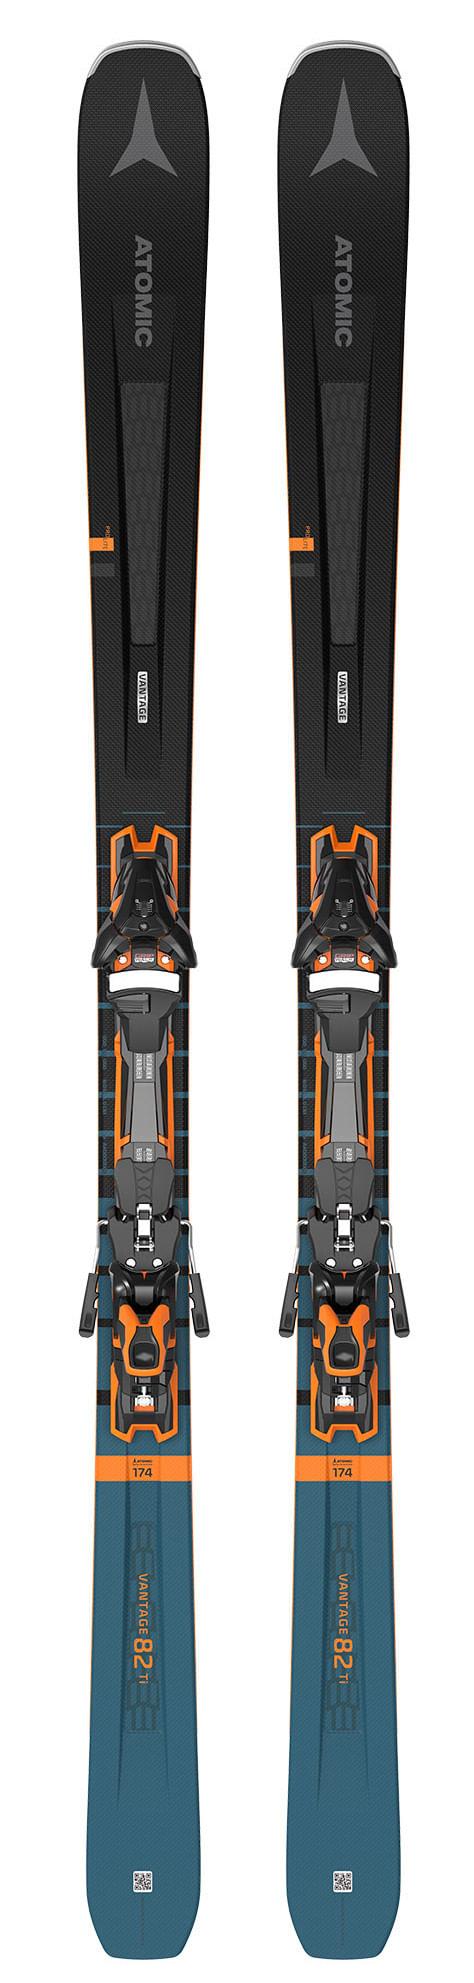 Atomic-Vantage-82-TI-Ski-With-F12-Grip-Walk-Bindings-2021